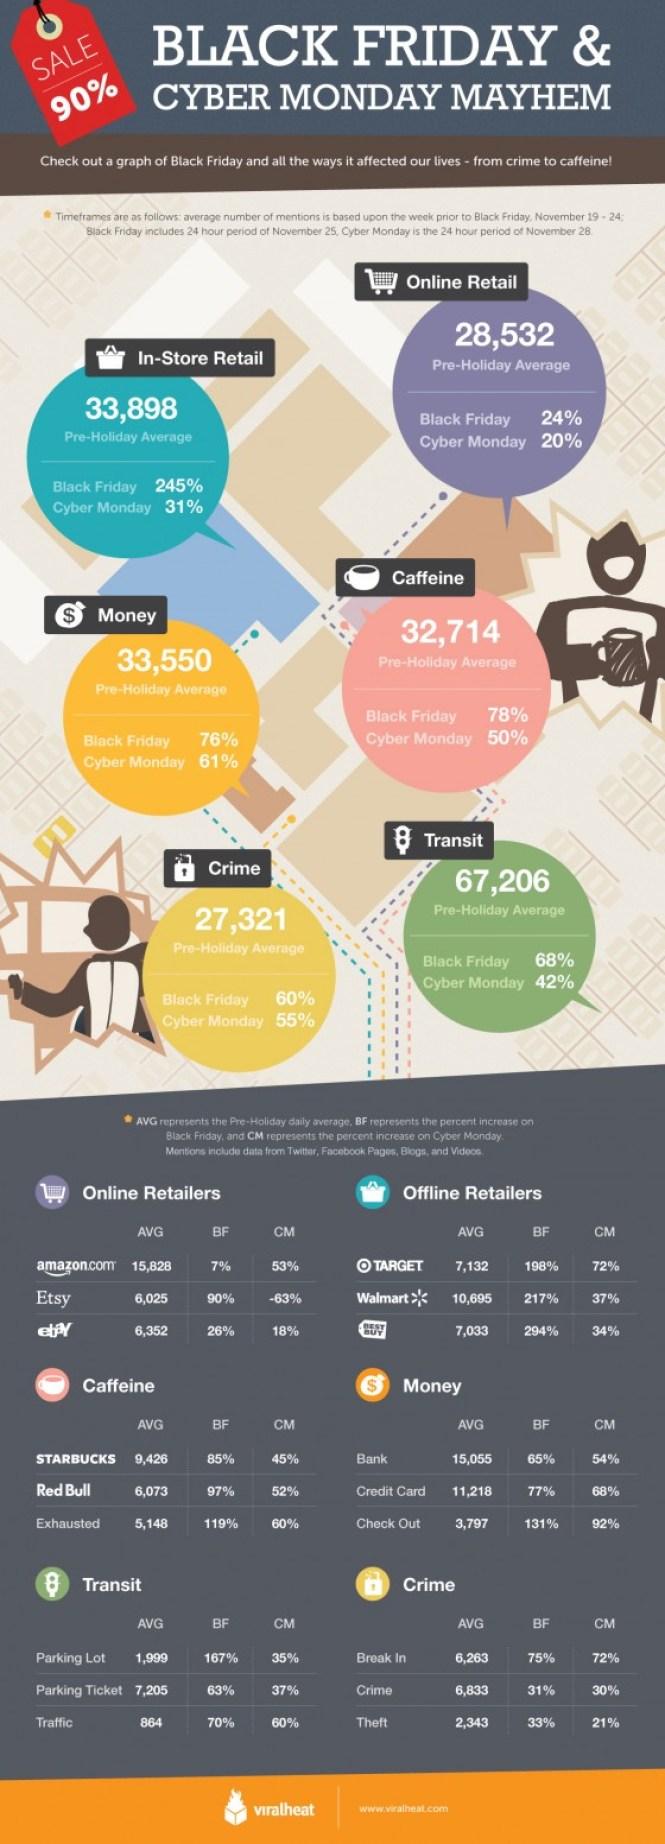 Violencia durante cyber monday & black friday